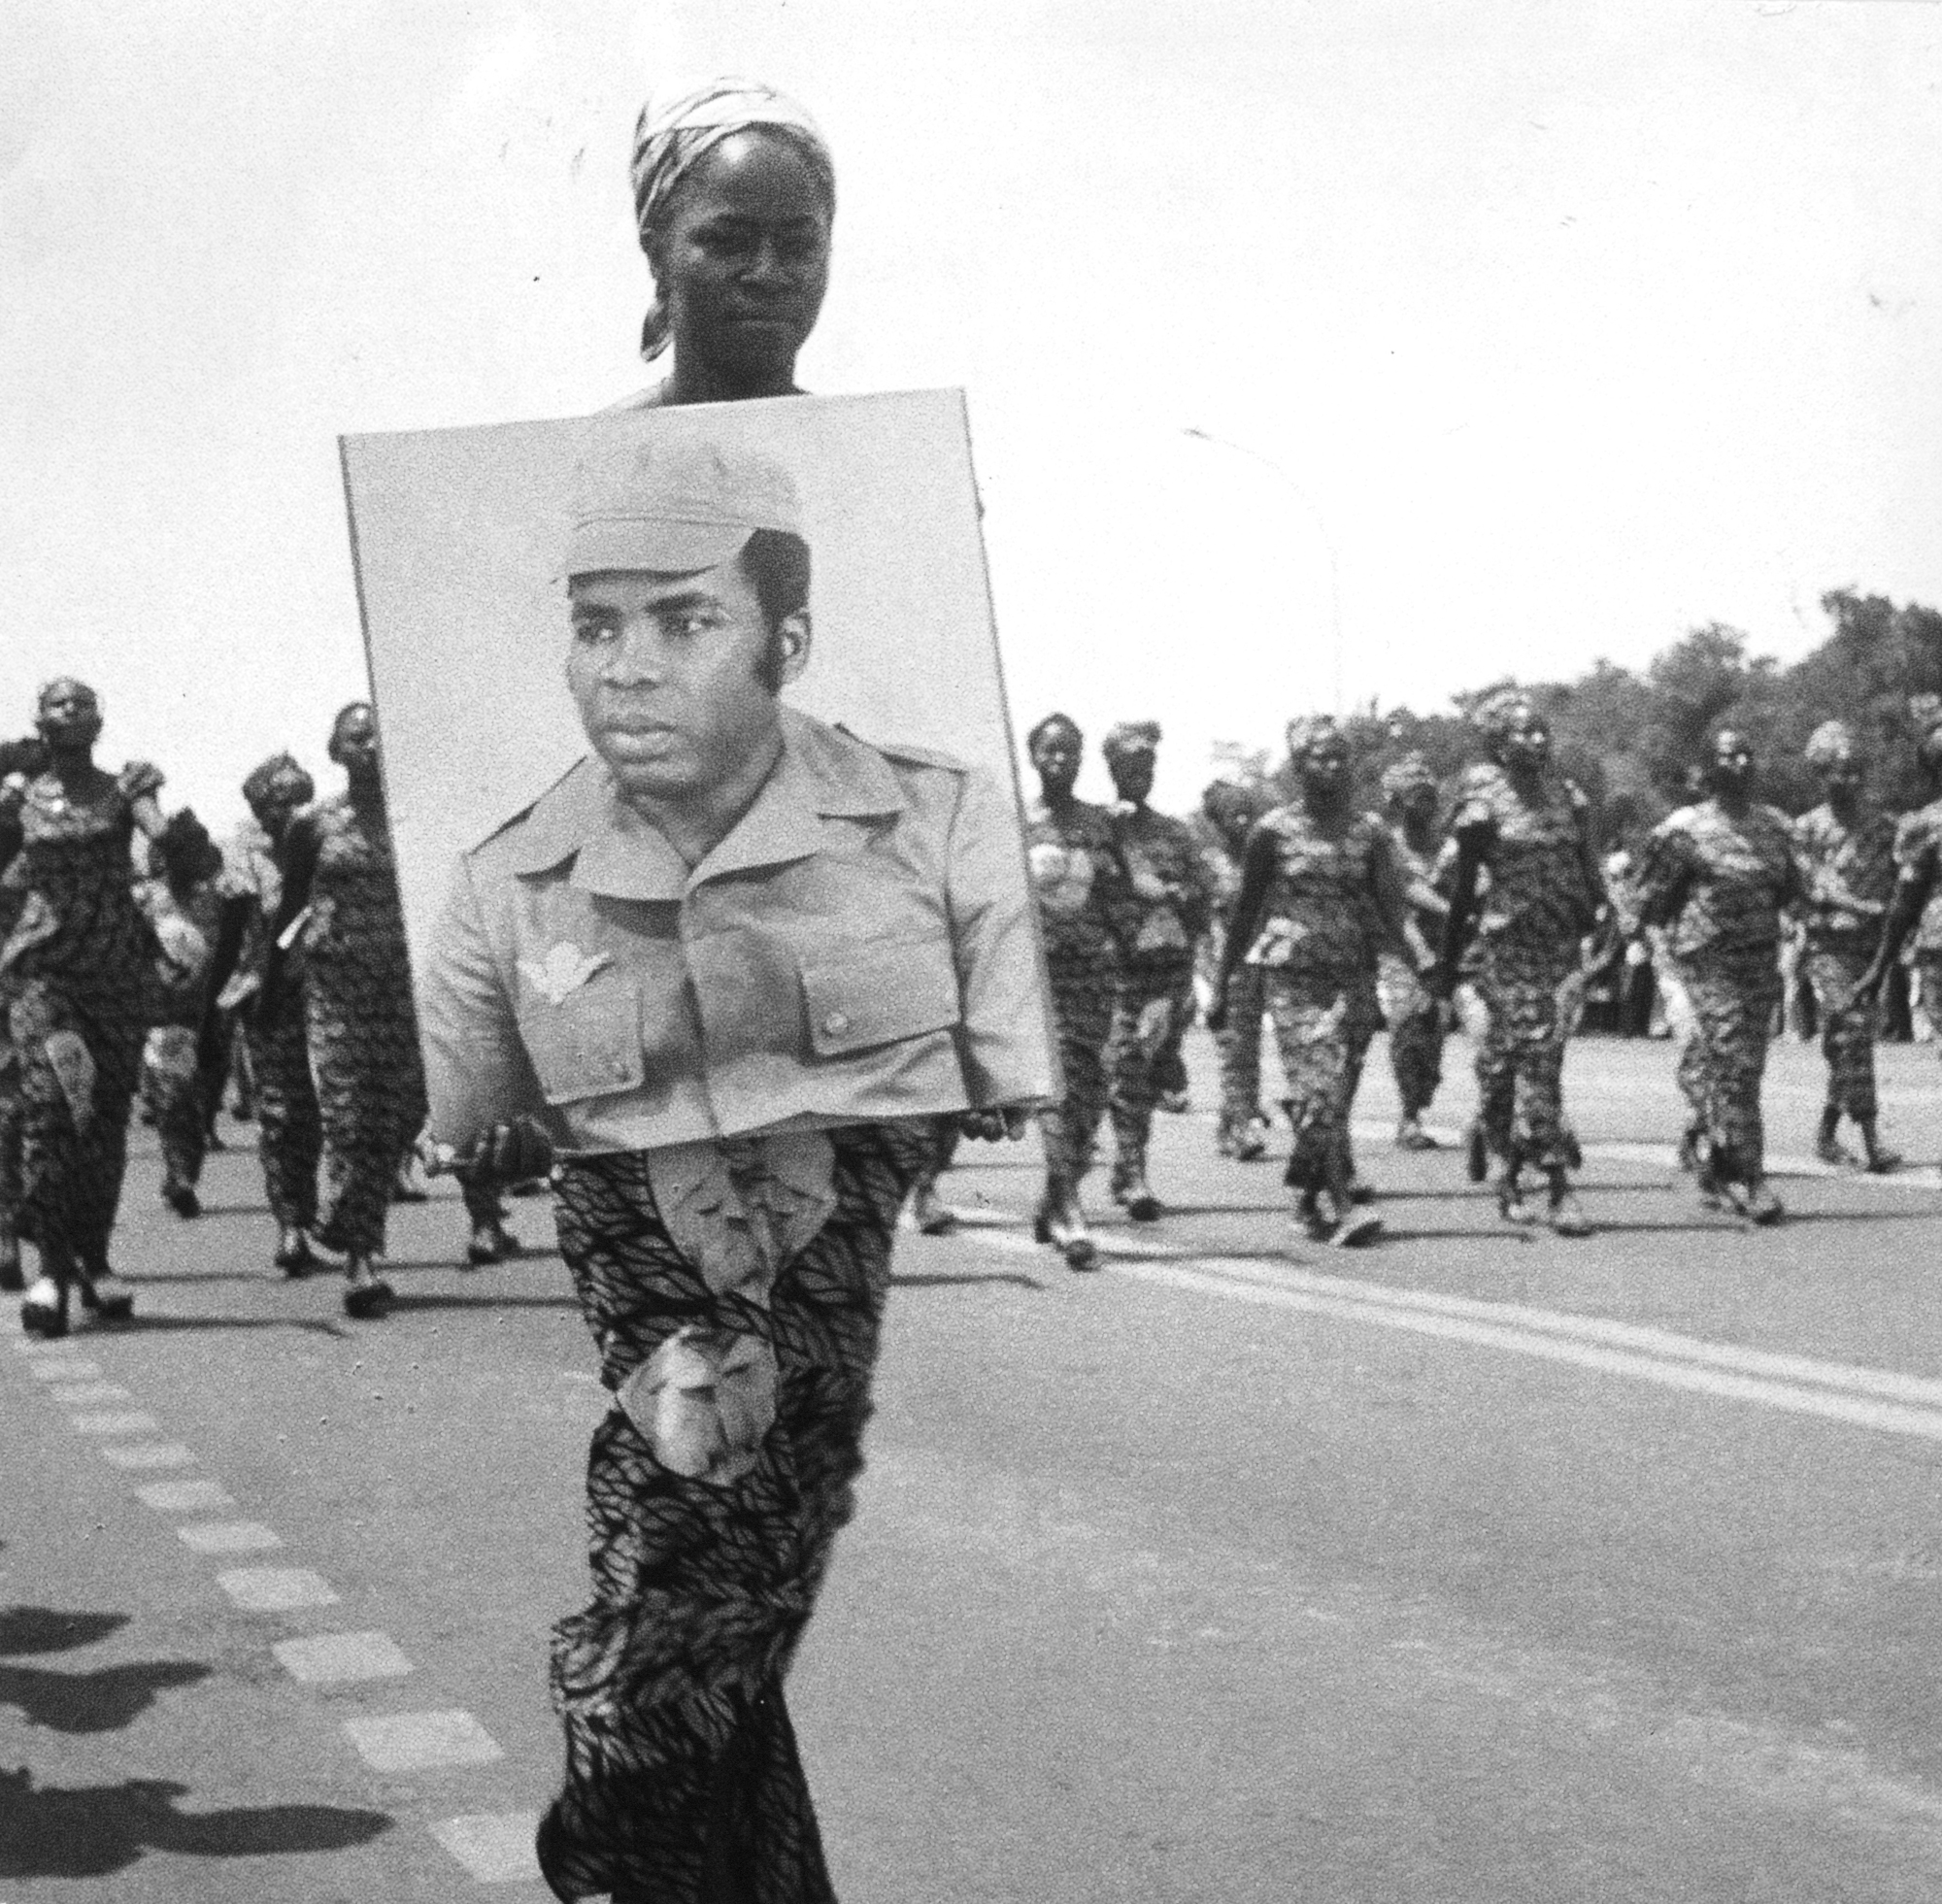 Marien Ngouabi, officier et homme d'État congolais, né le 31 décembre 1938 à Ombele, mort assassiné le 18 mars 1977 à Brazzaville. Il a été président de la République du Congo (puis de la République populaire du Congo) du 31 décembre 1968 à sa mort